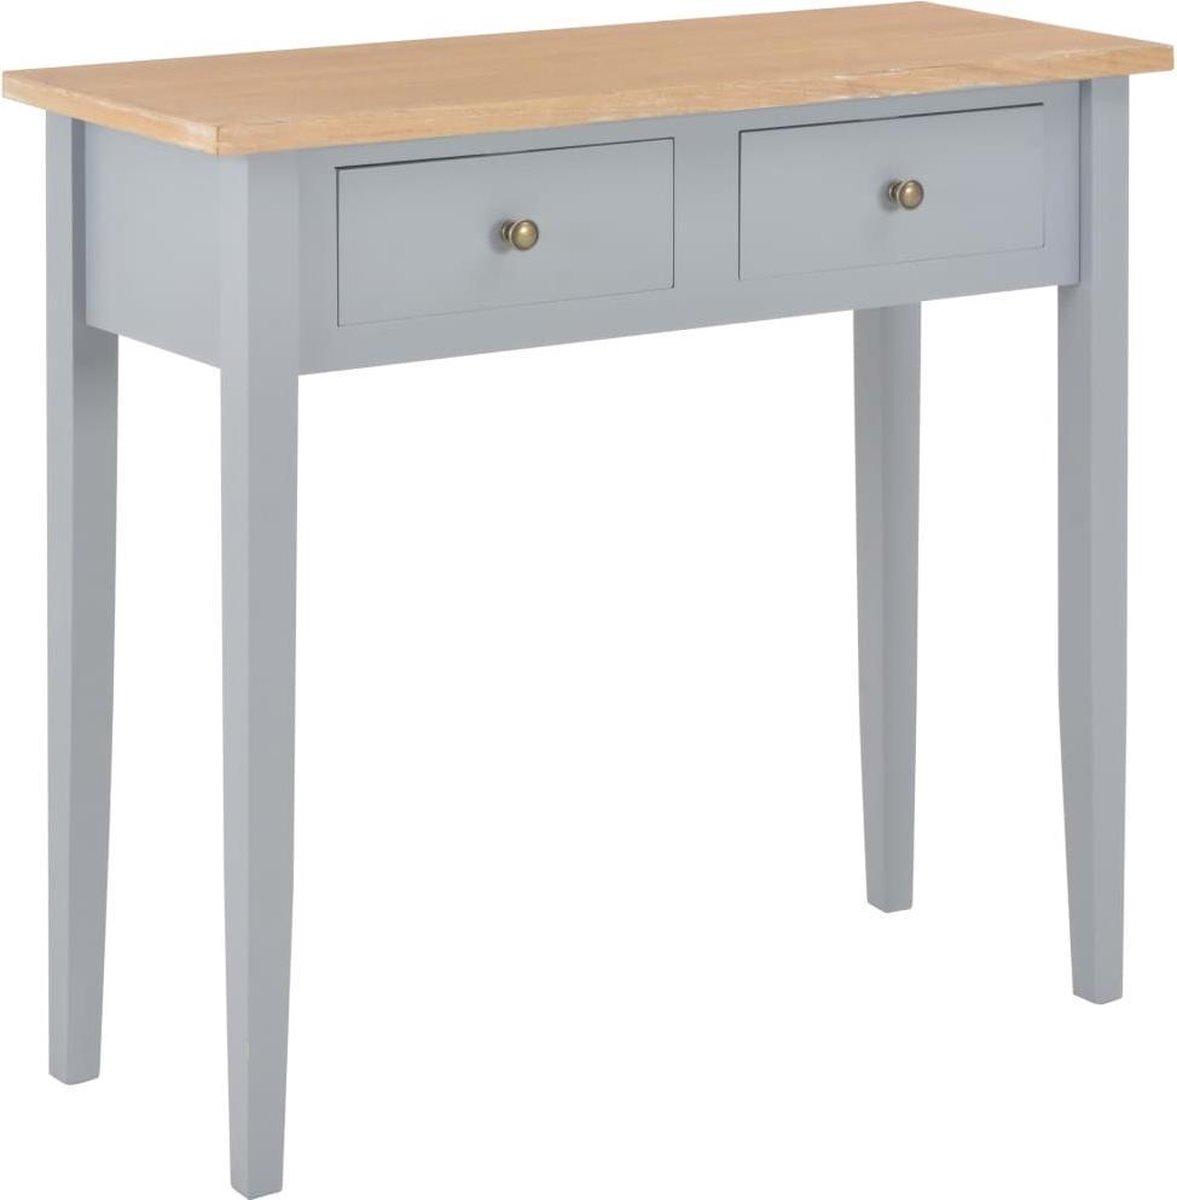 LW collection Decoratie tafel Hout grijs (Incl Dienblad) / woonkamer tafel/ slaapkamer tafel / salontafel / wandtafel online kopen